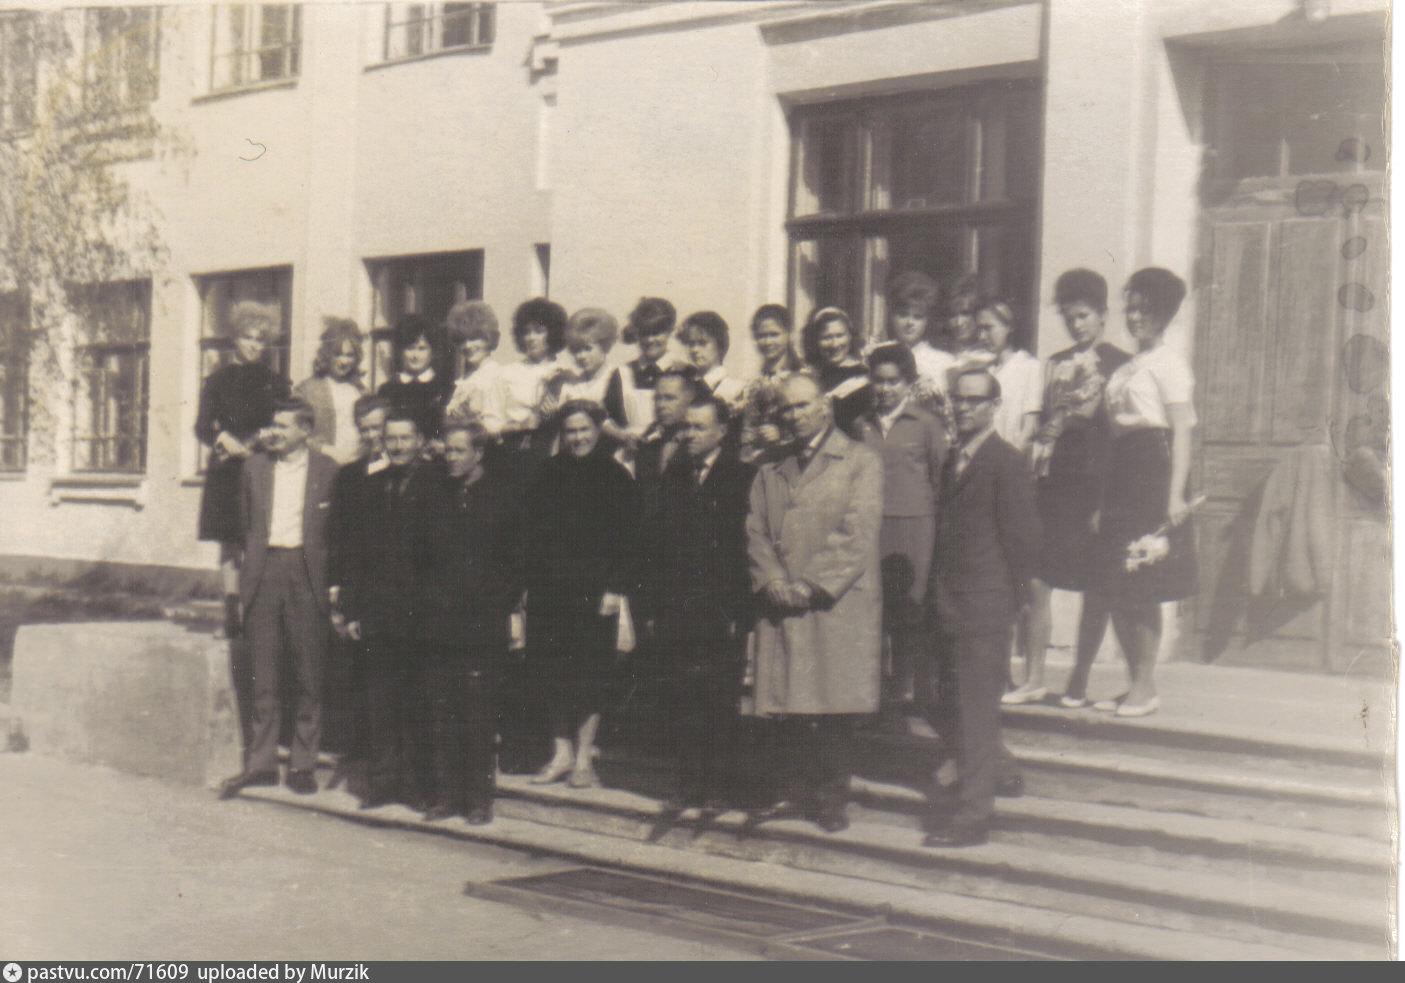 школа 621 москва выхино выпуск 1999 год удобный